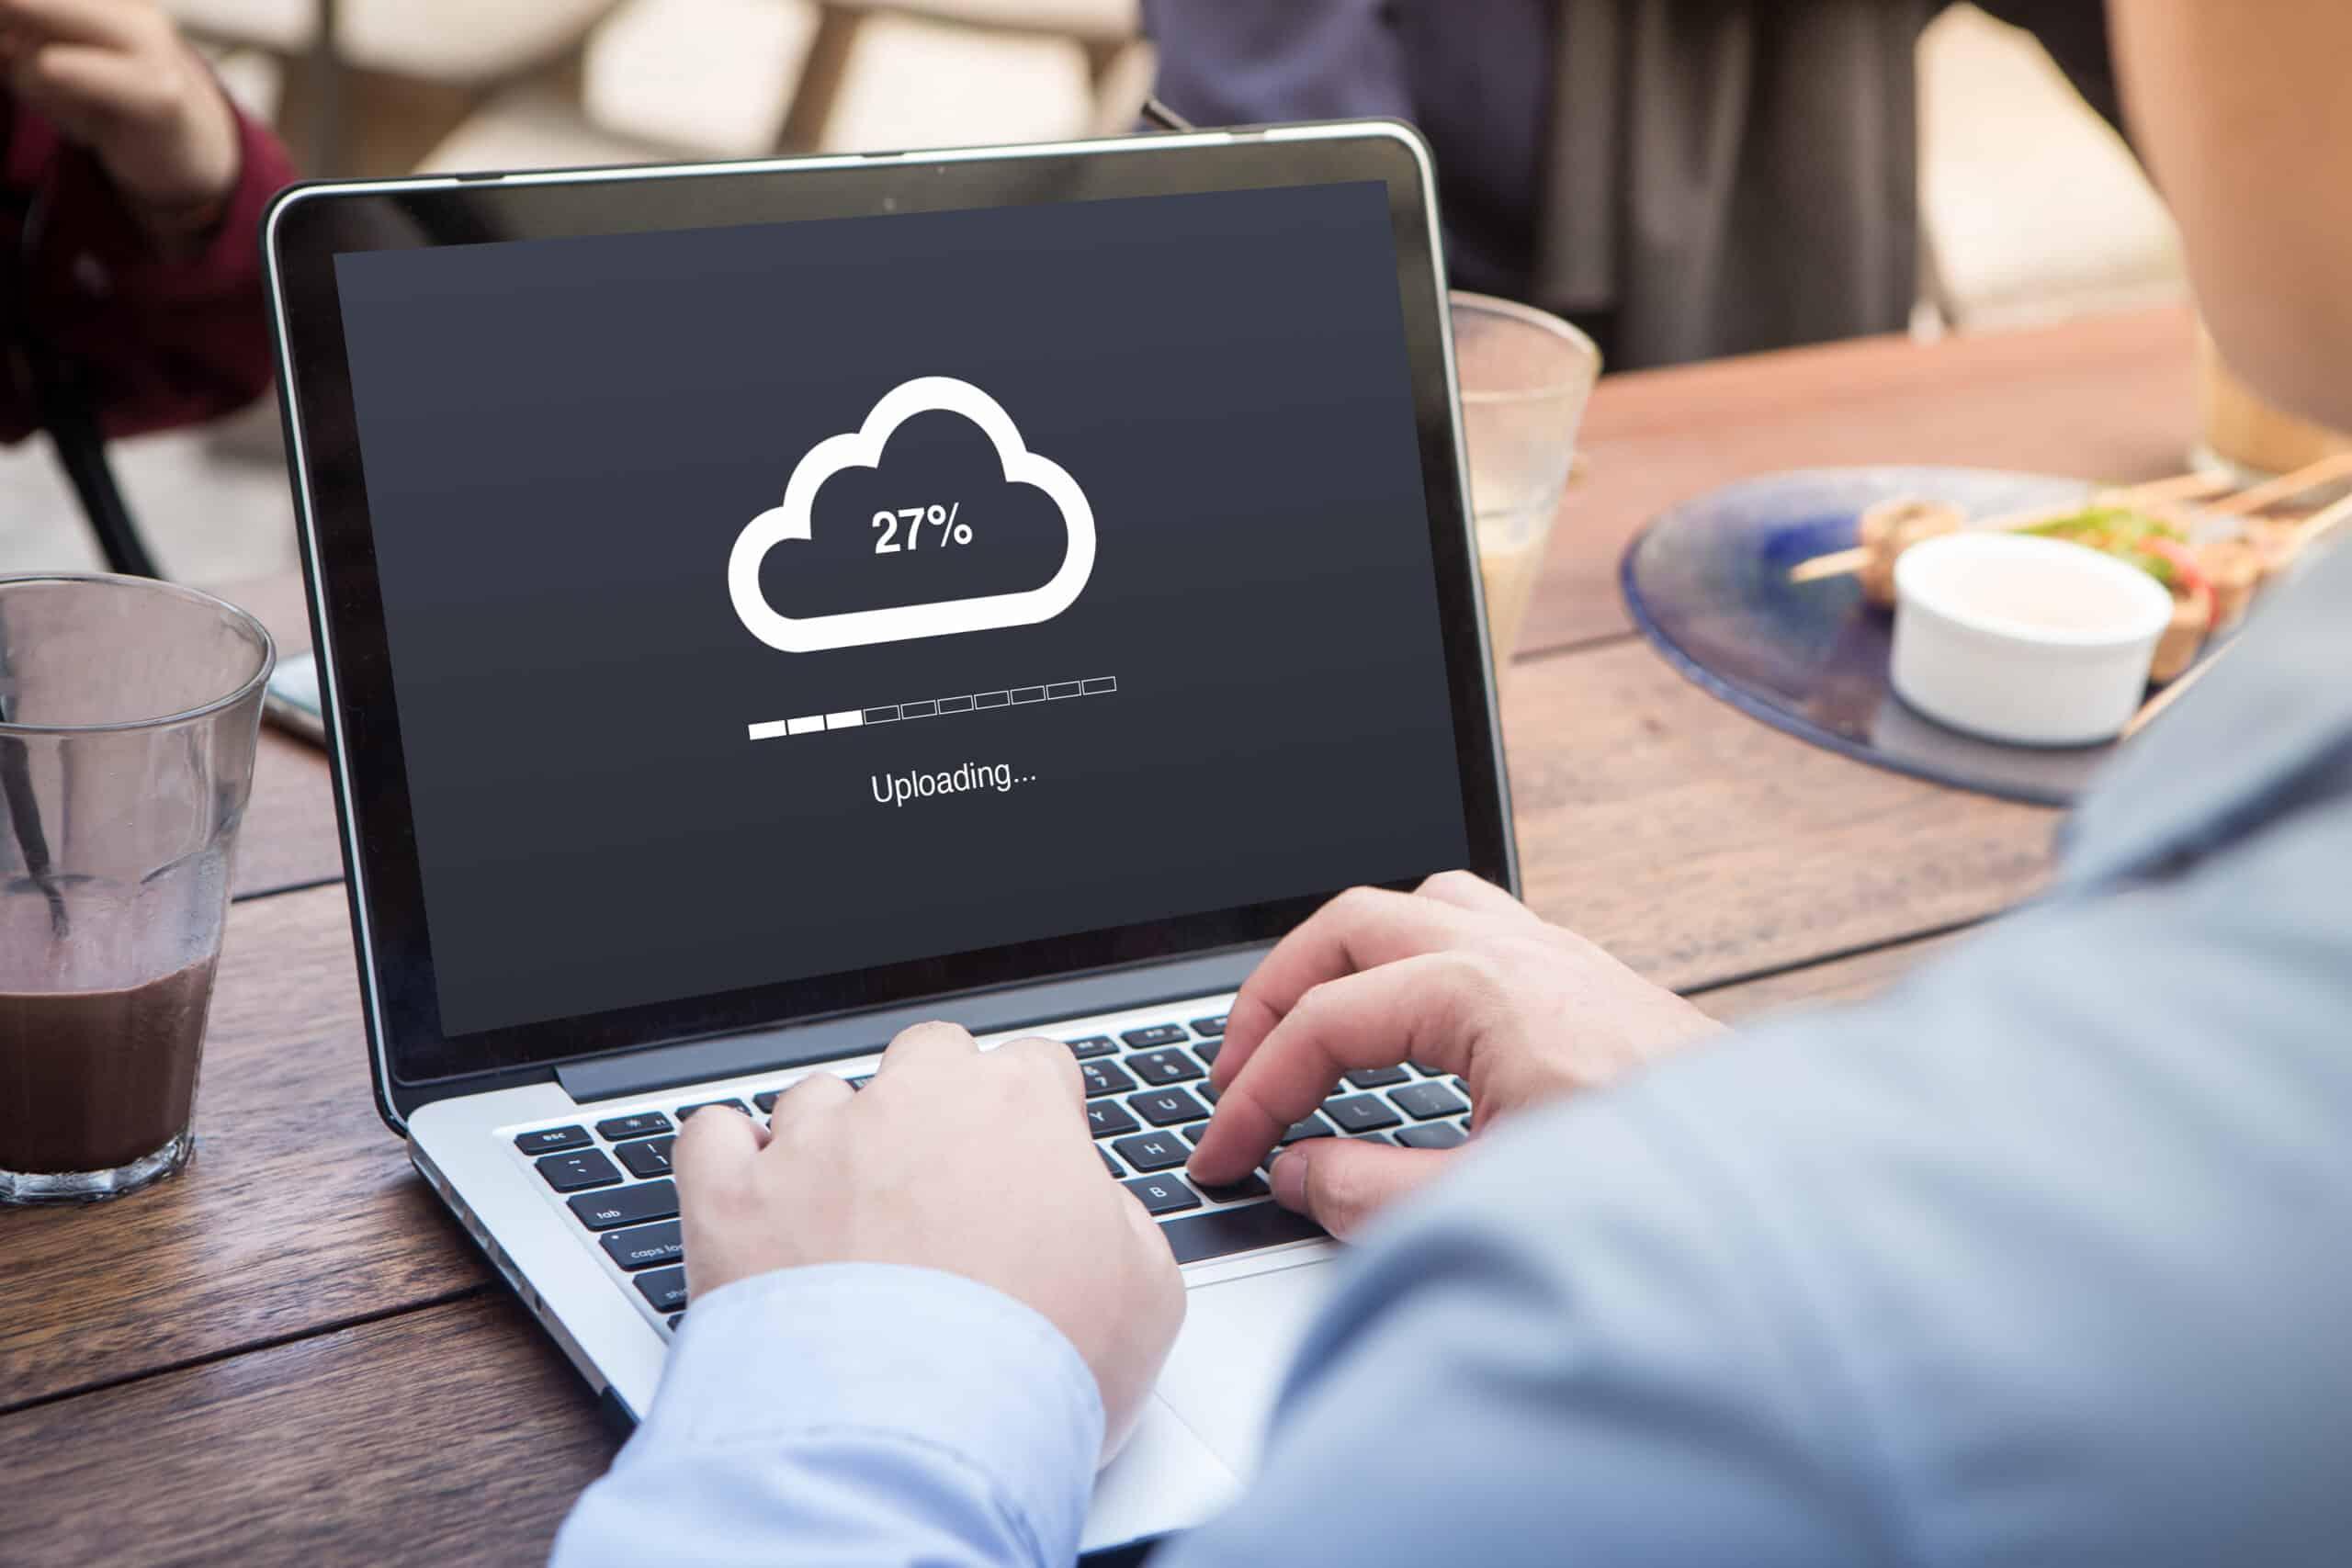 Clouddaten laden